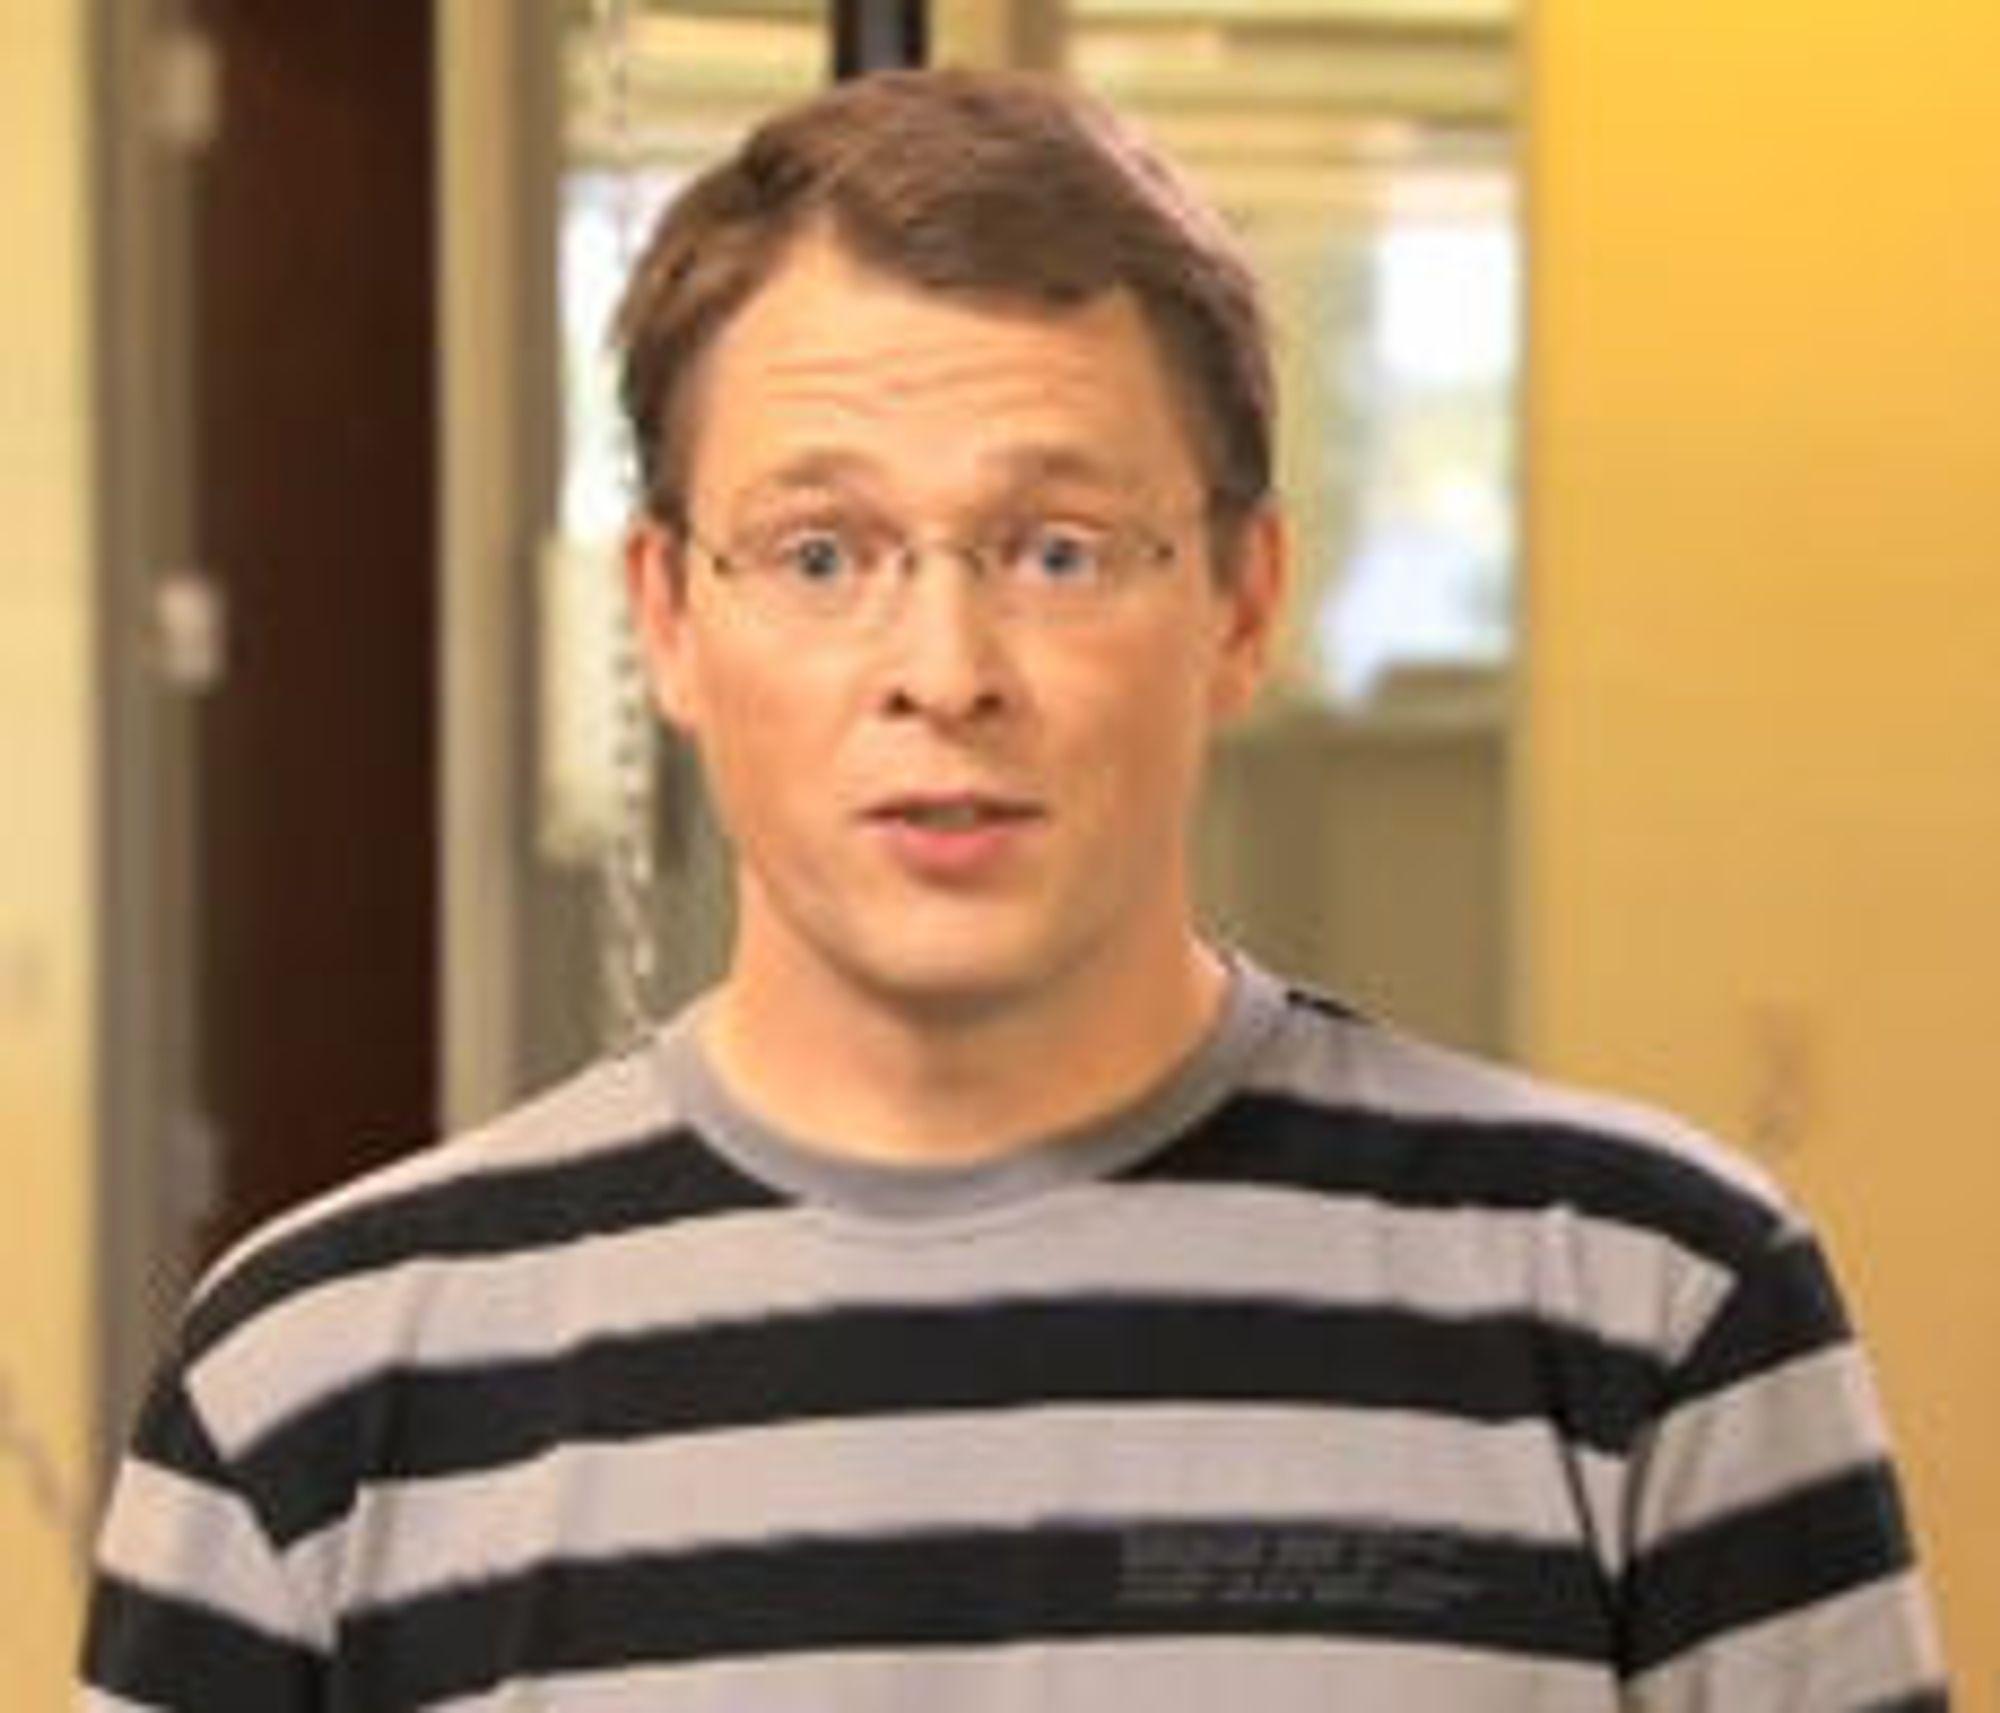 Lars Bak i Google Danmark, her fra en video som ble lagt ut på YouTube i 2008.